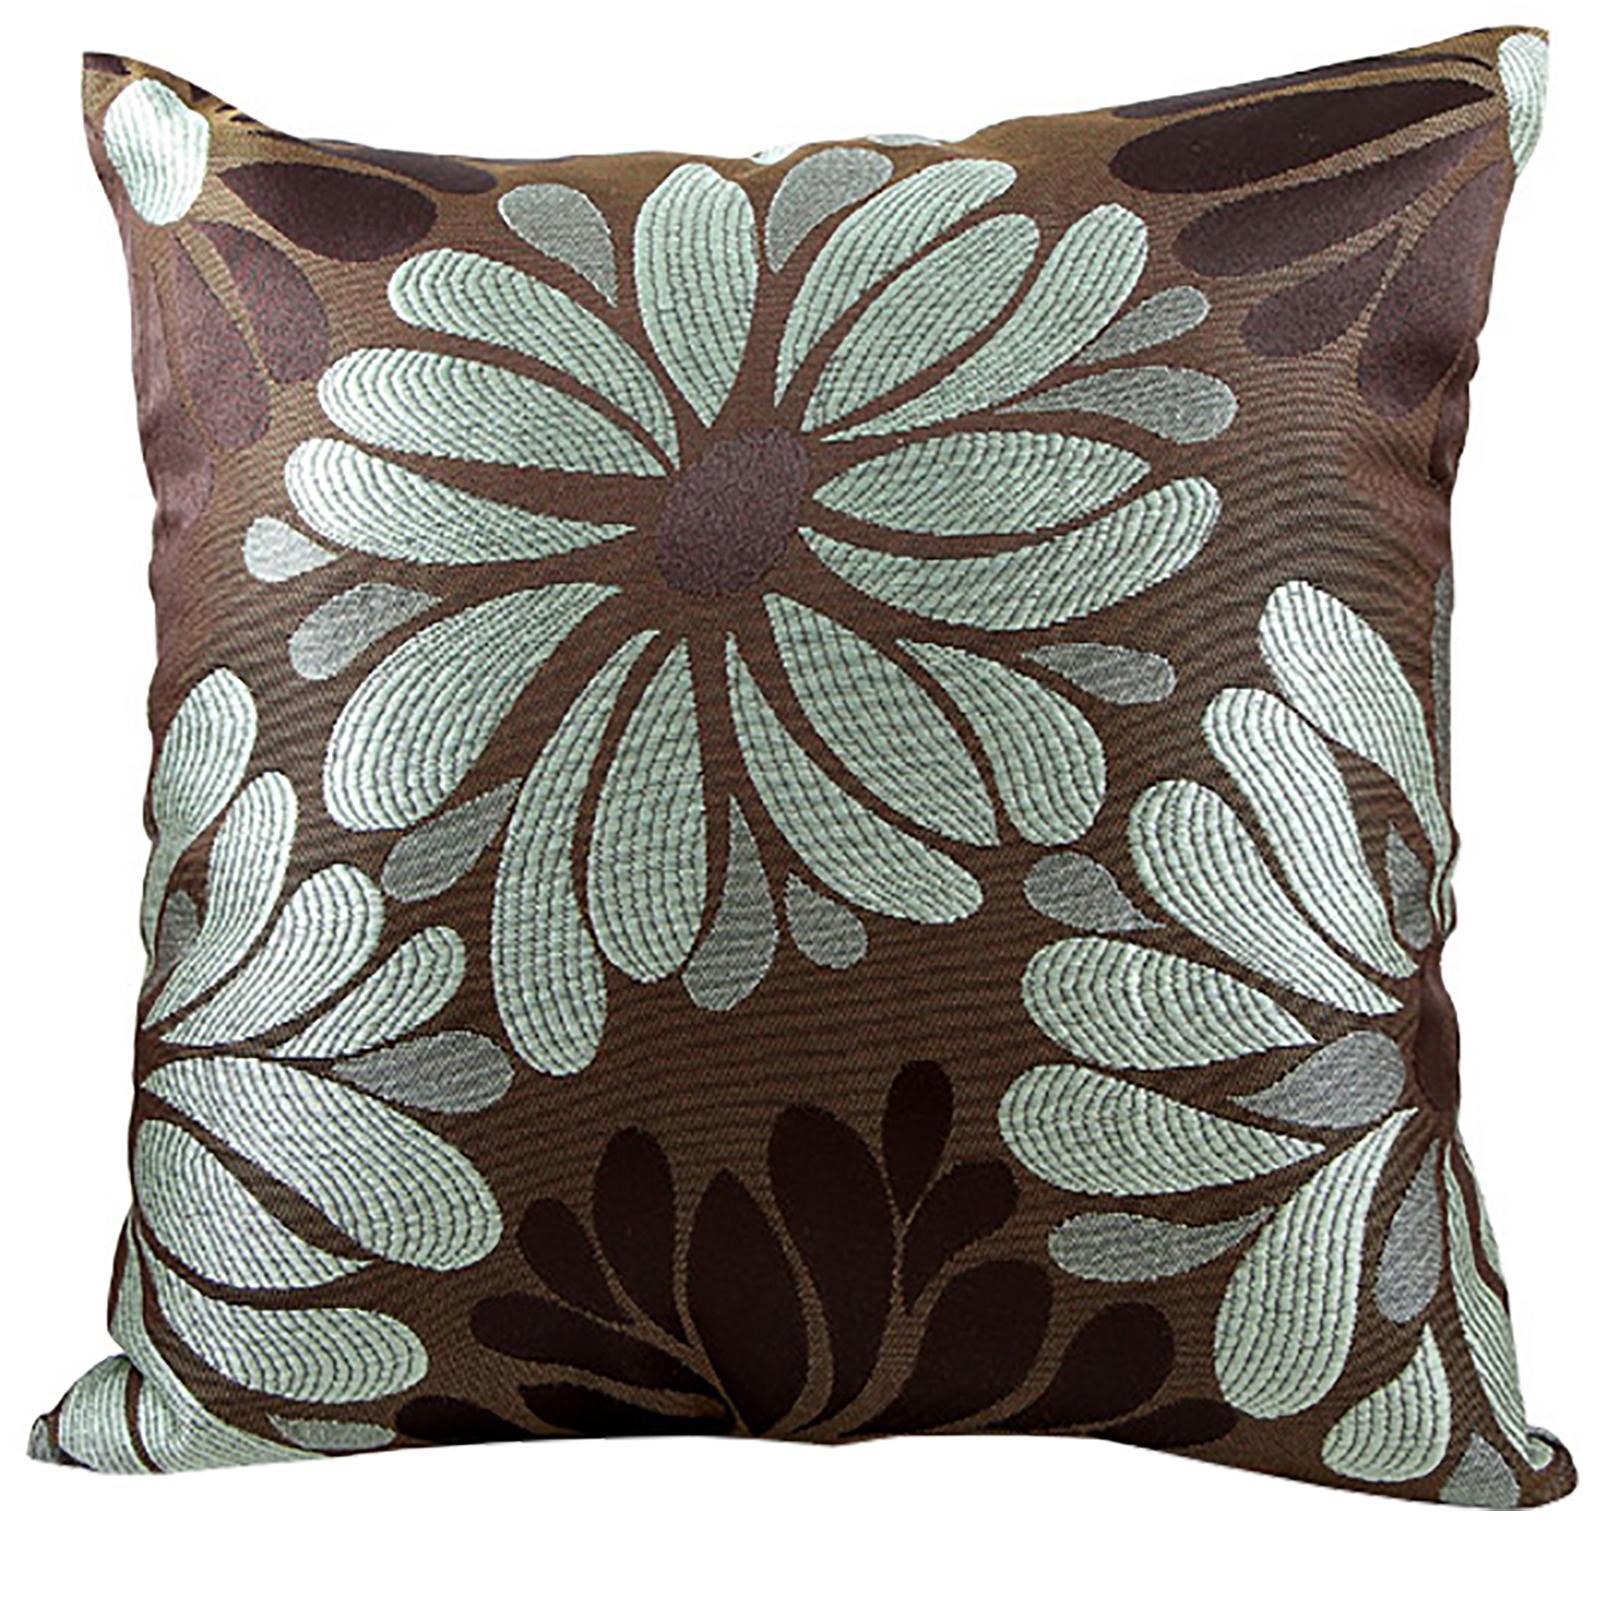 Federe per cuscini divano idea di casa - Federe cuscini divano ...